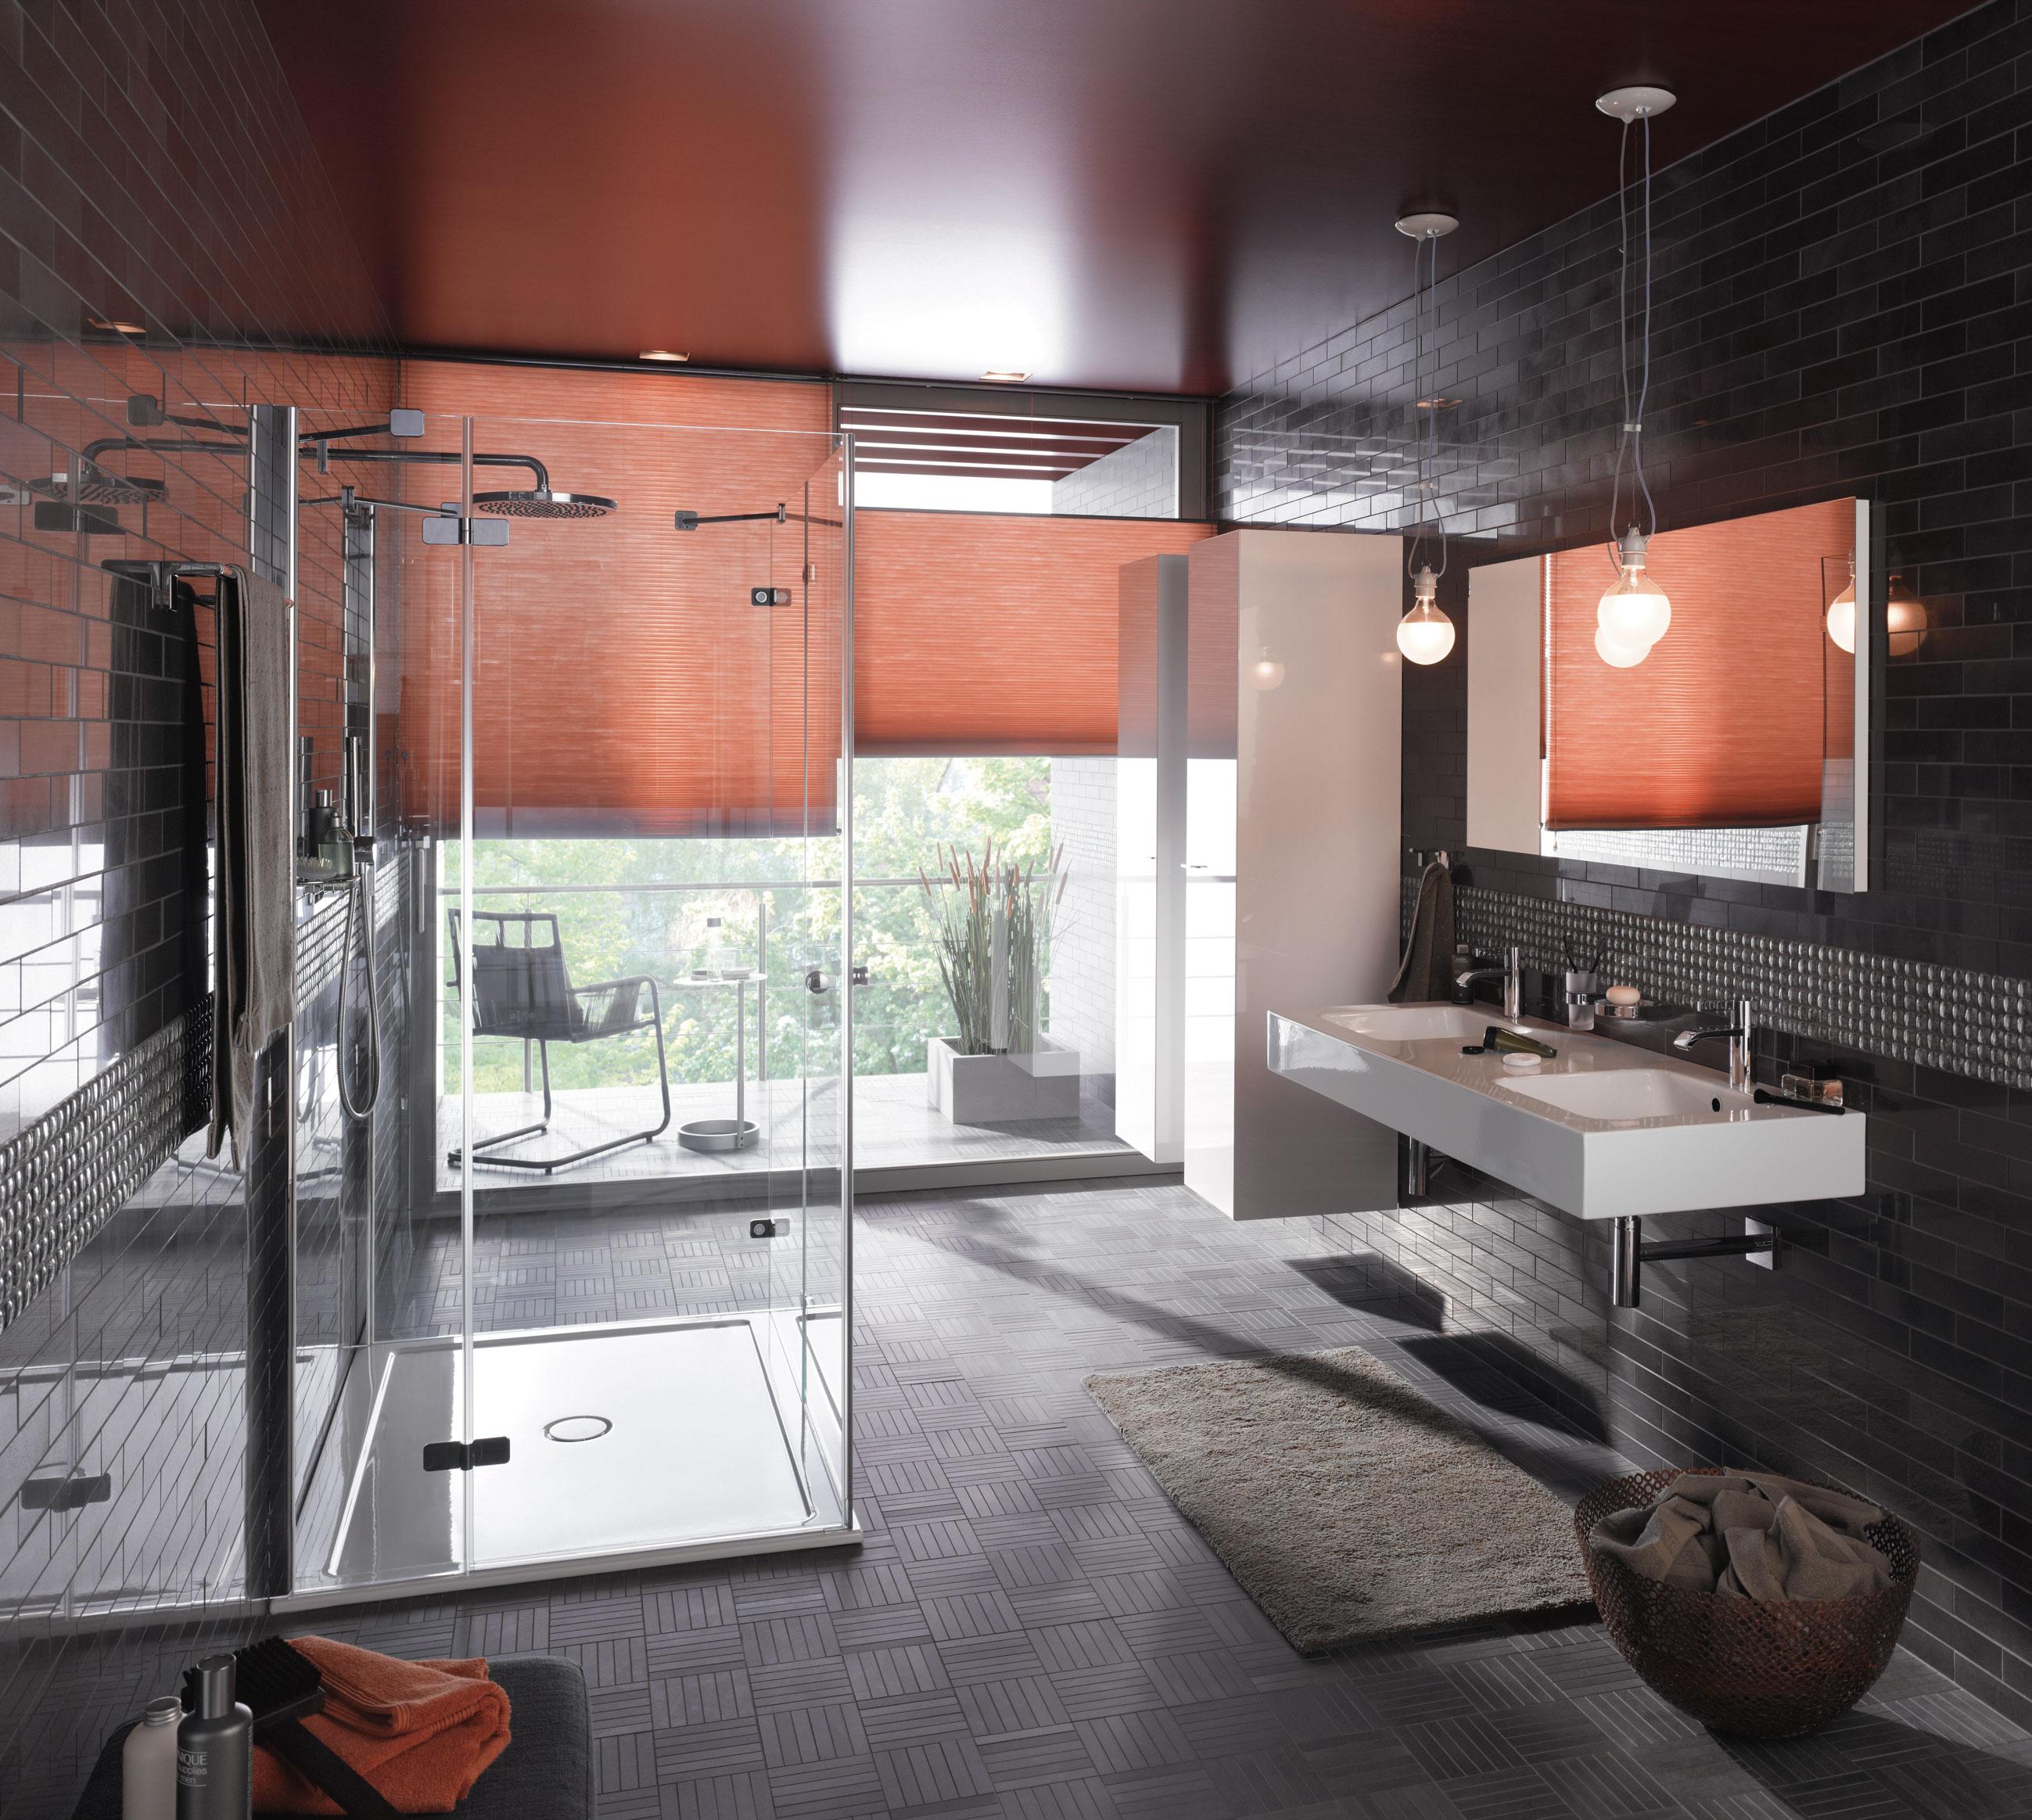 plissee duette plissee nach ma aus deutscher plissee manufaktur. Black Bedroom Furniture Sets. Home Design Ideas